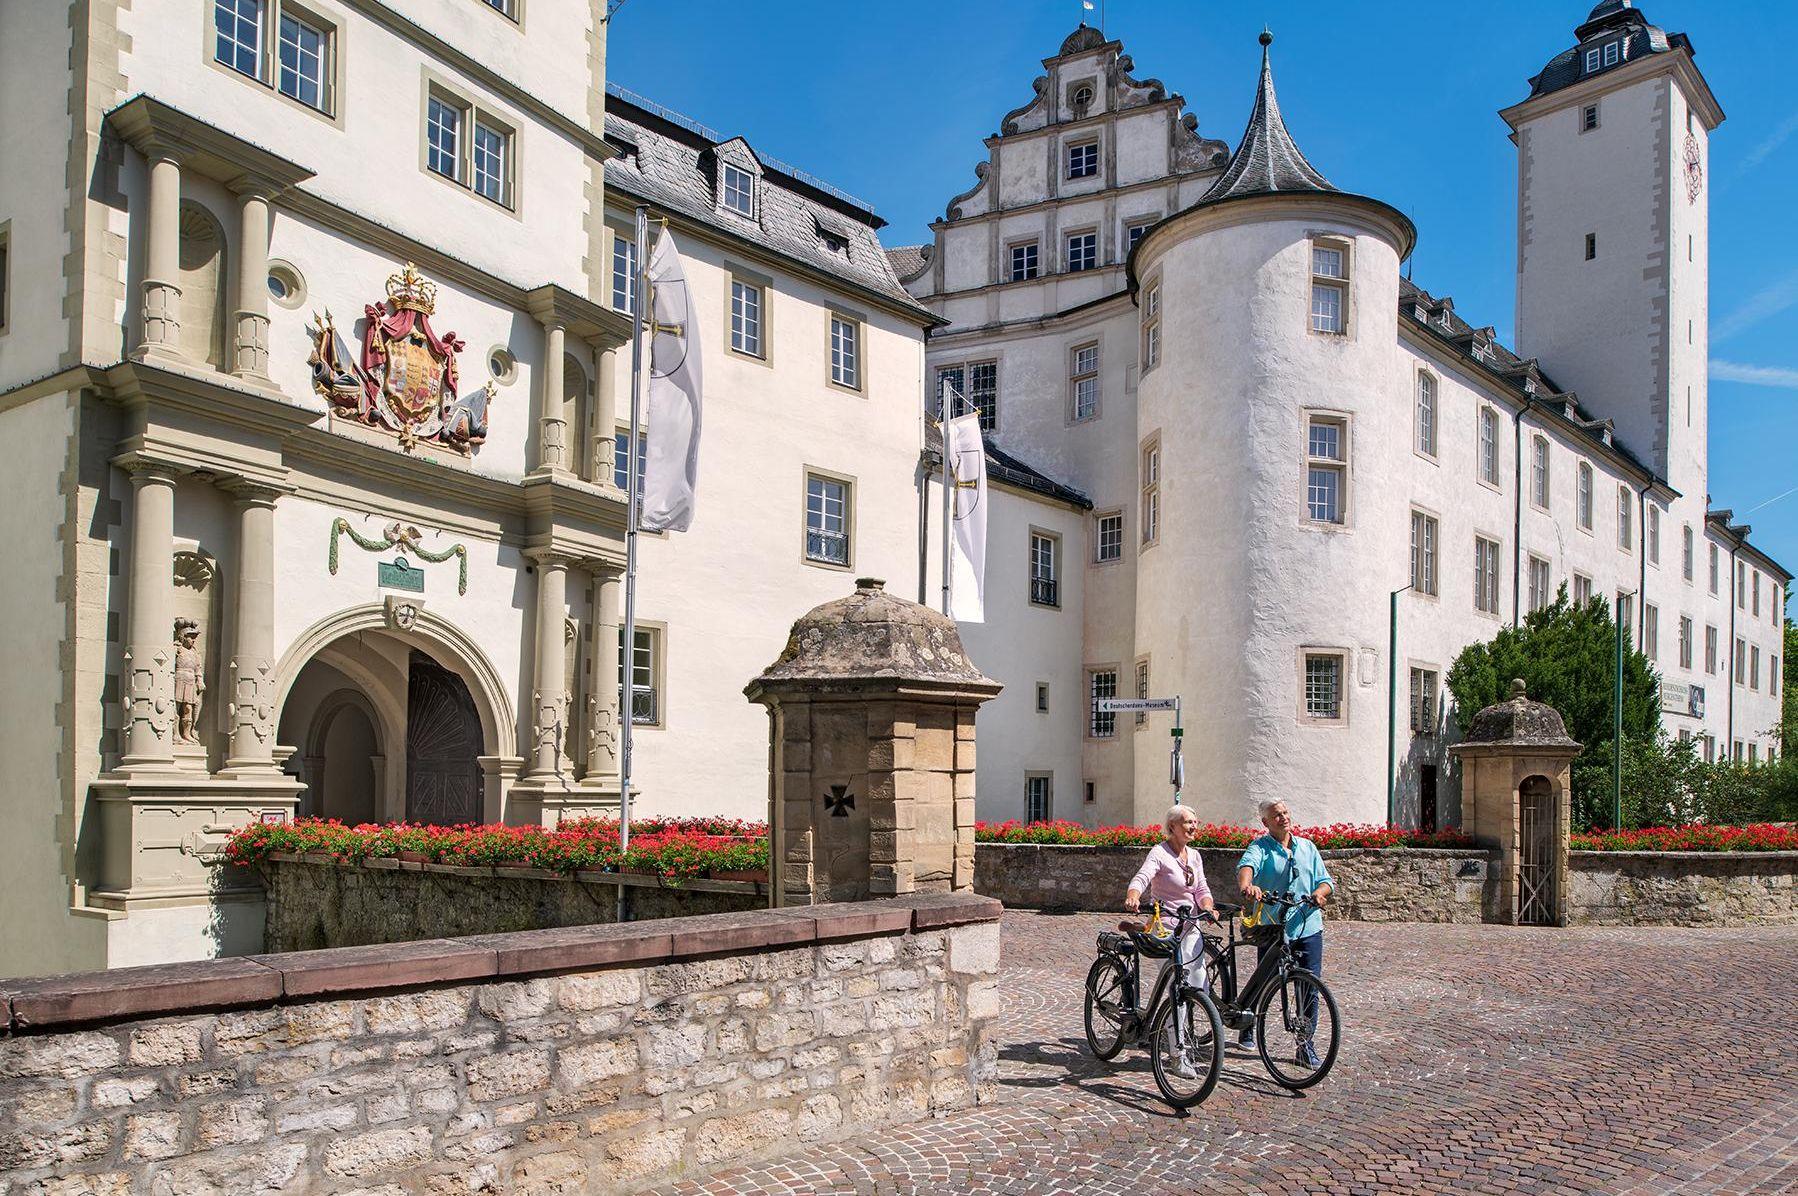 Residenzschloss Mergentheim, Besucher mit Fahrrädern